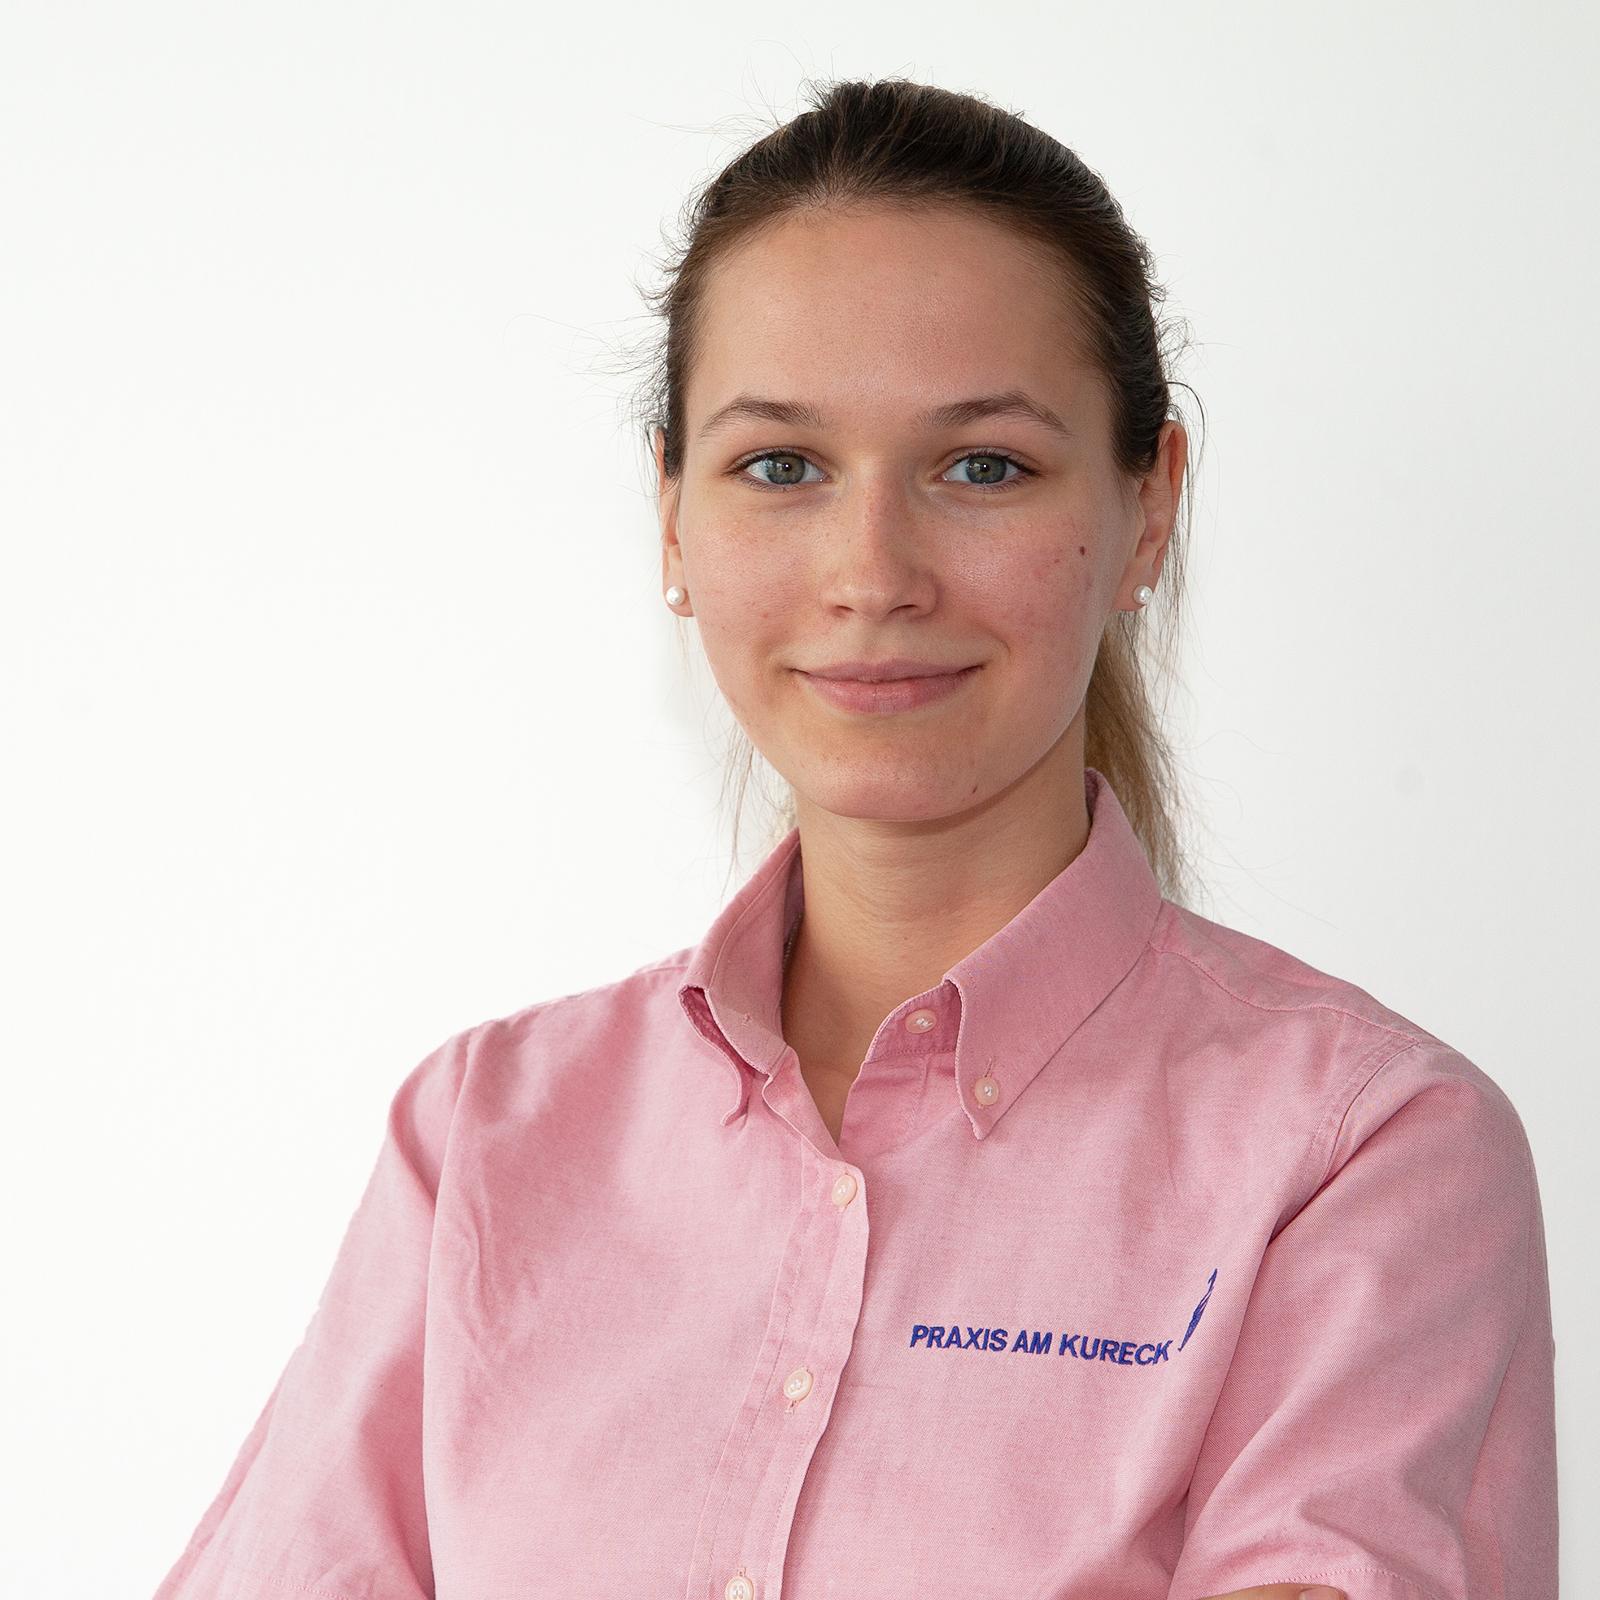 Anastasija Swierzy